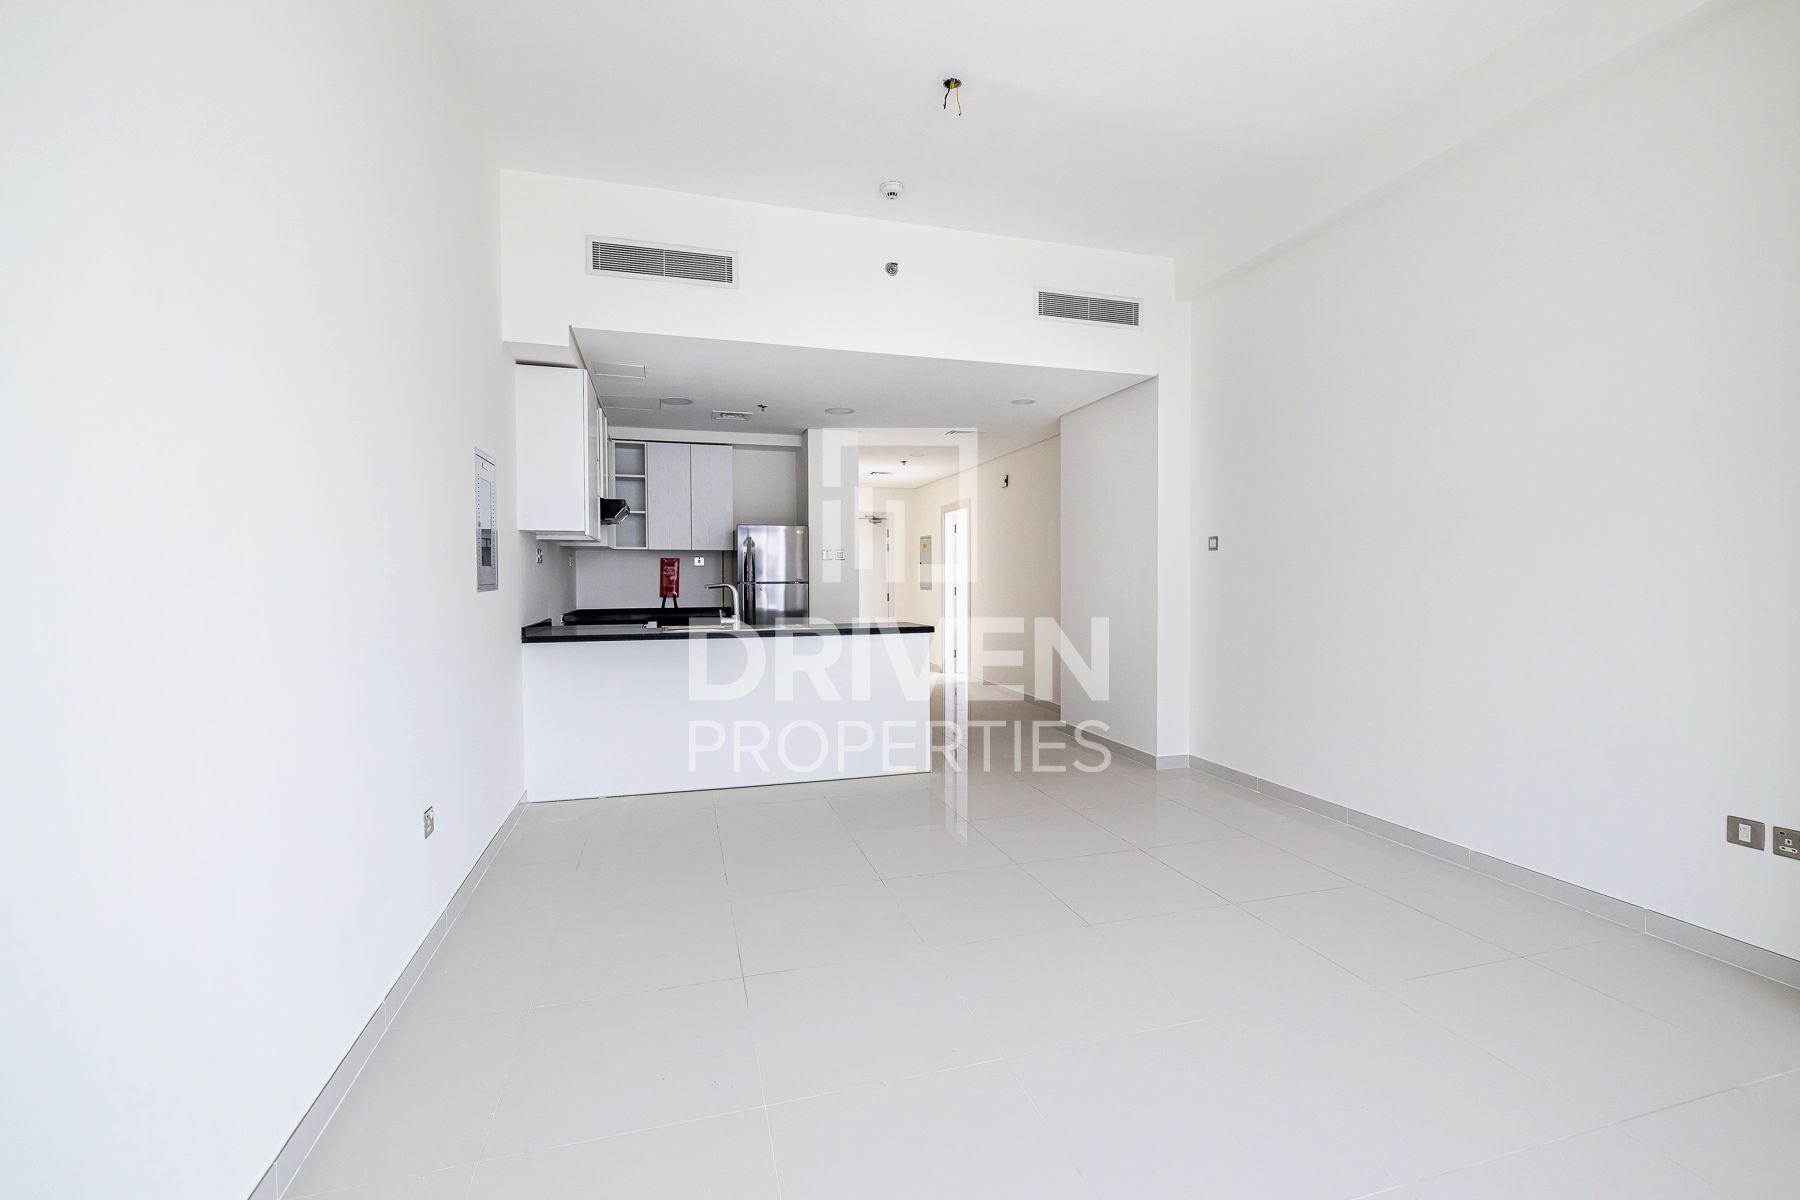 931 قدم مربع  شقة - للبيع - داماك هيلز (أكويا باي داماك)